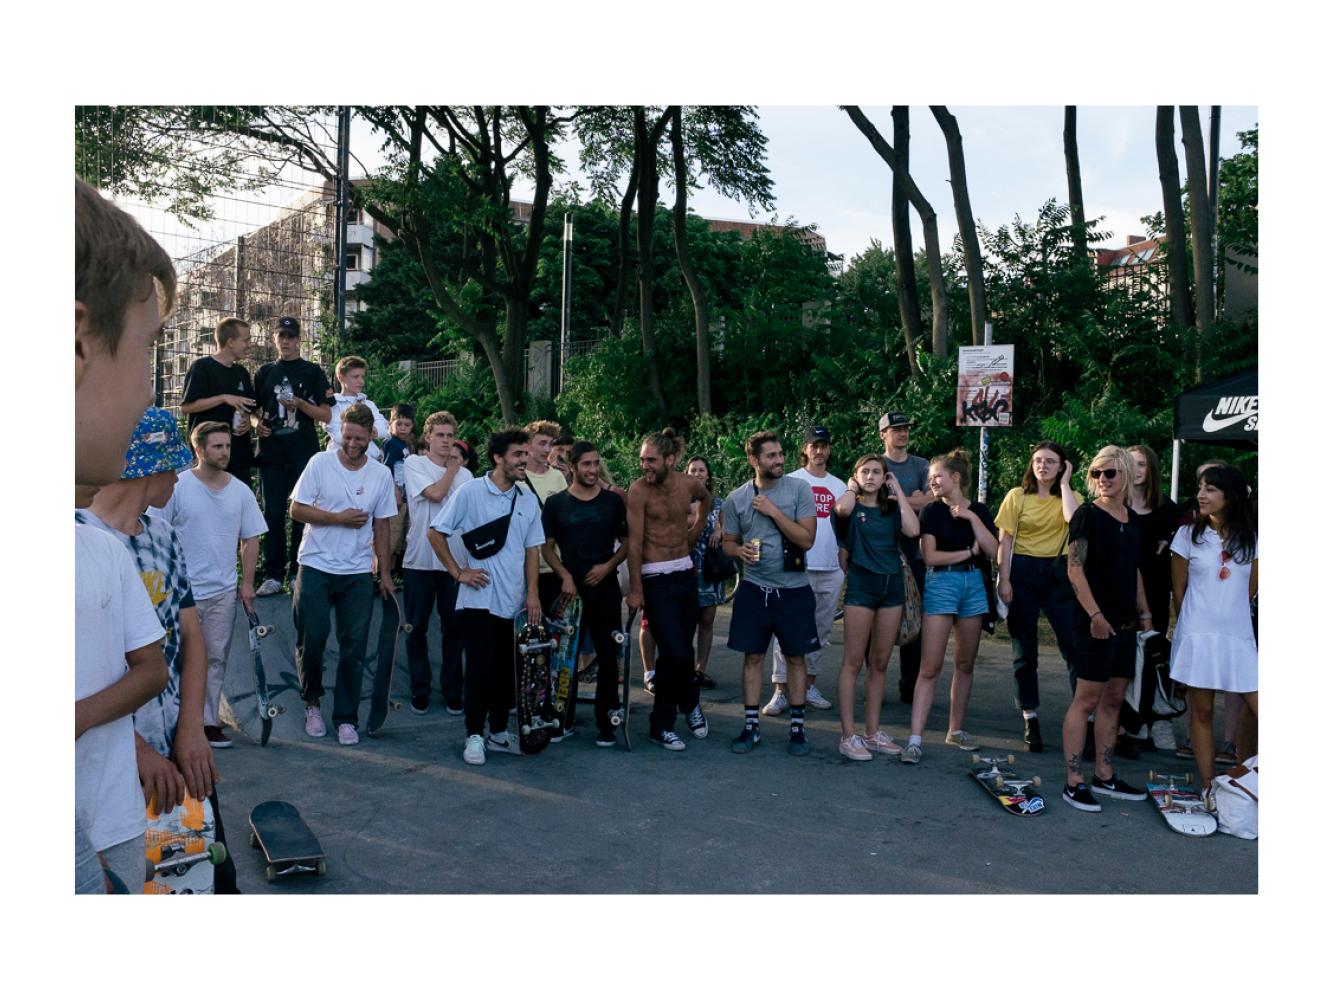 BILDER_PLACE_Nike_goskateboardingday_2017_auswahl23